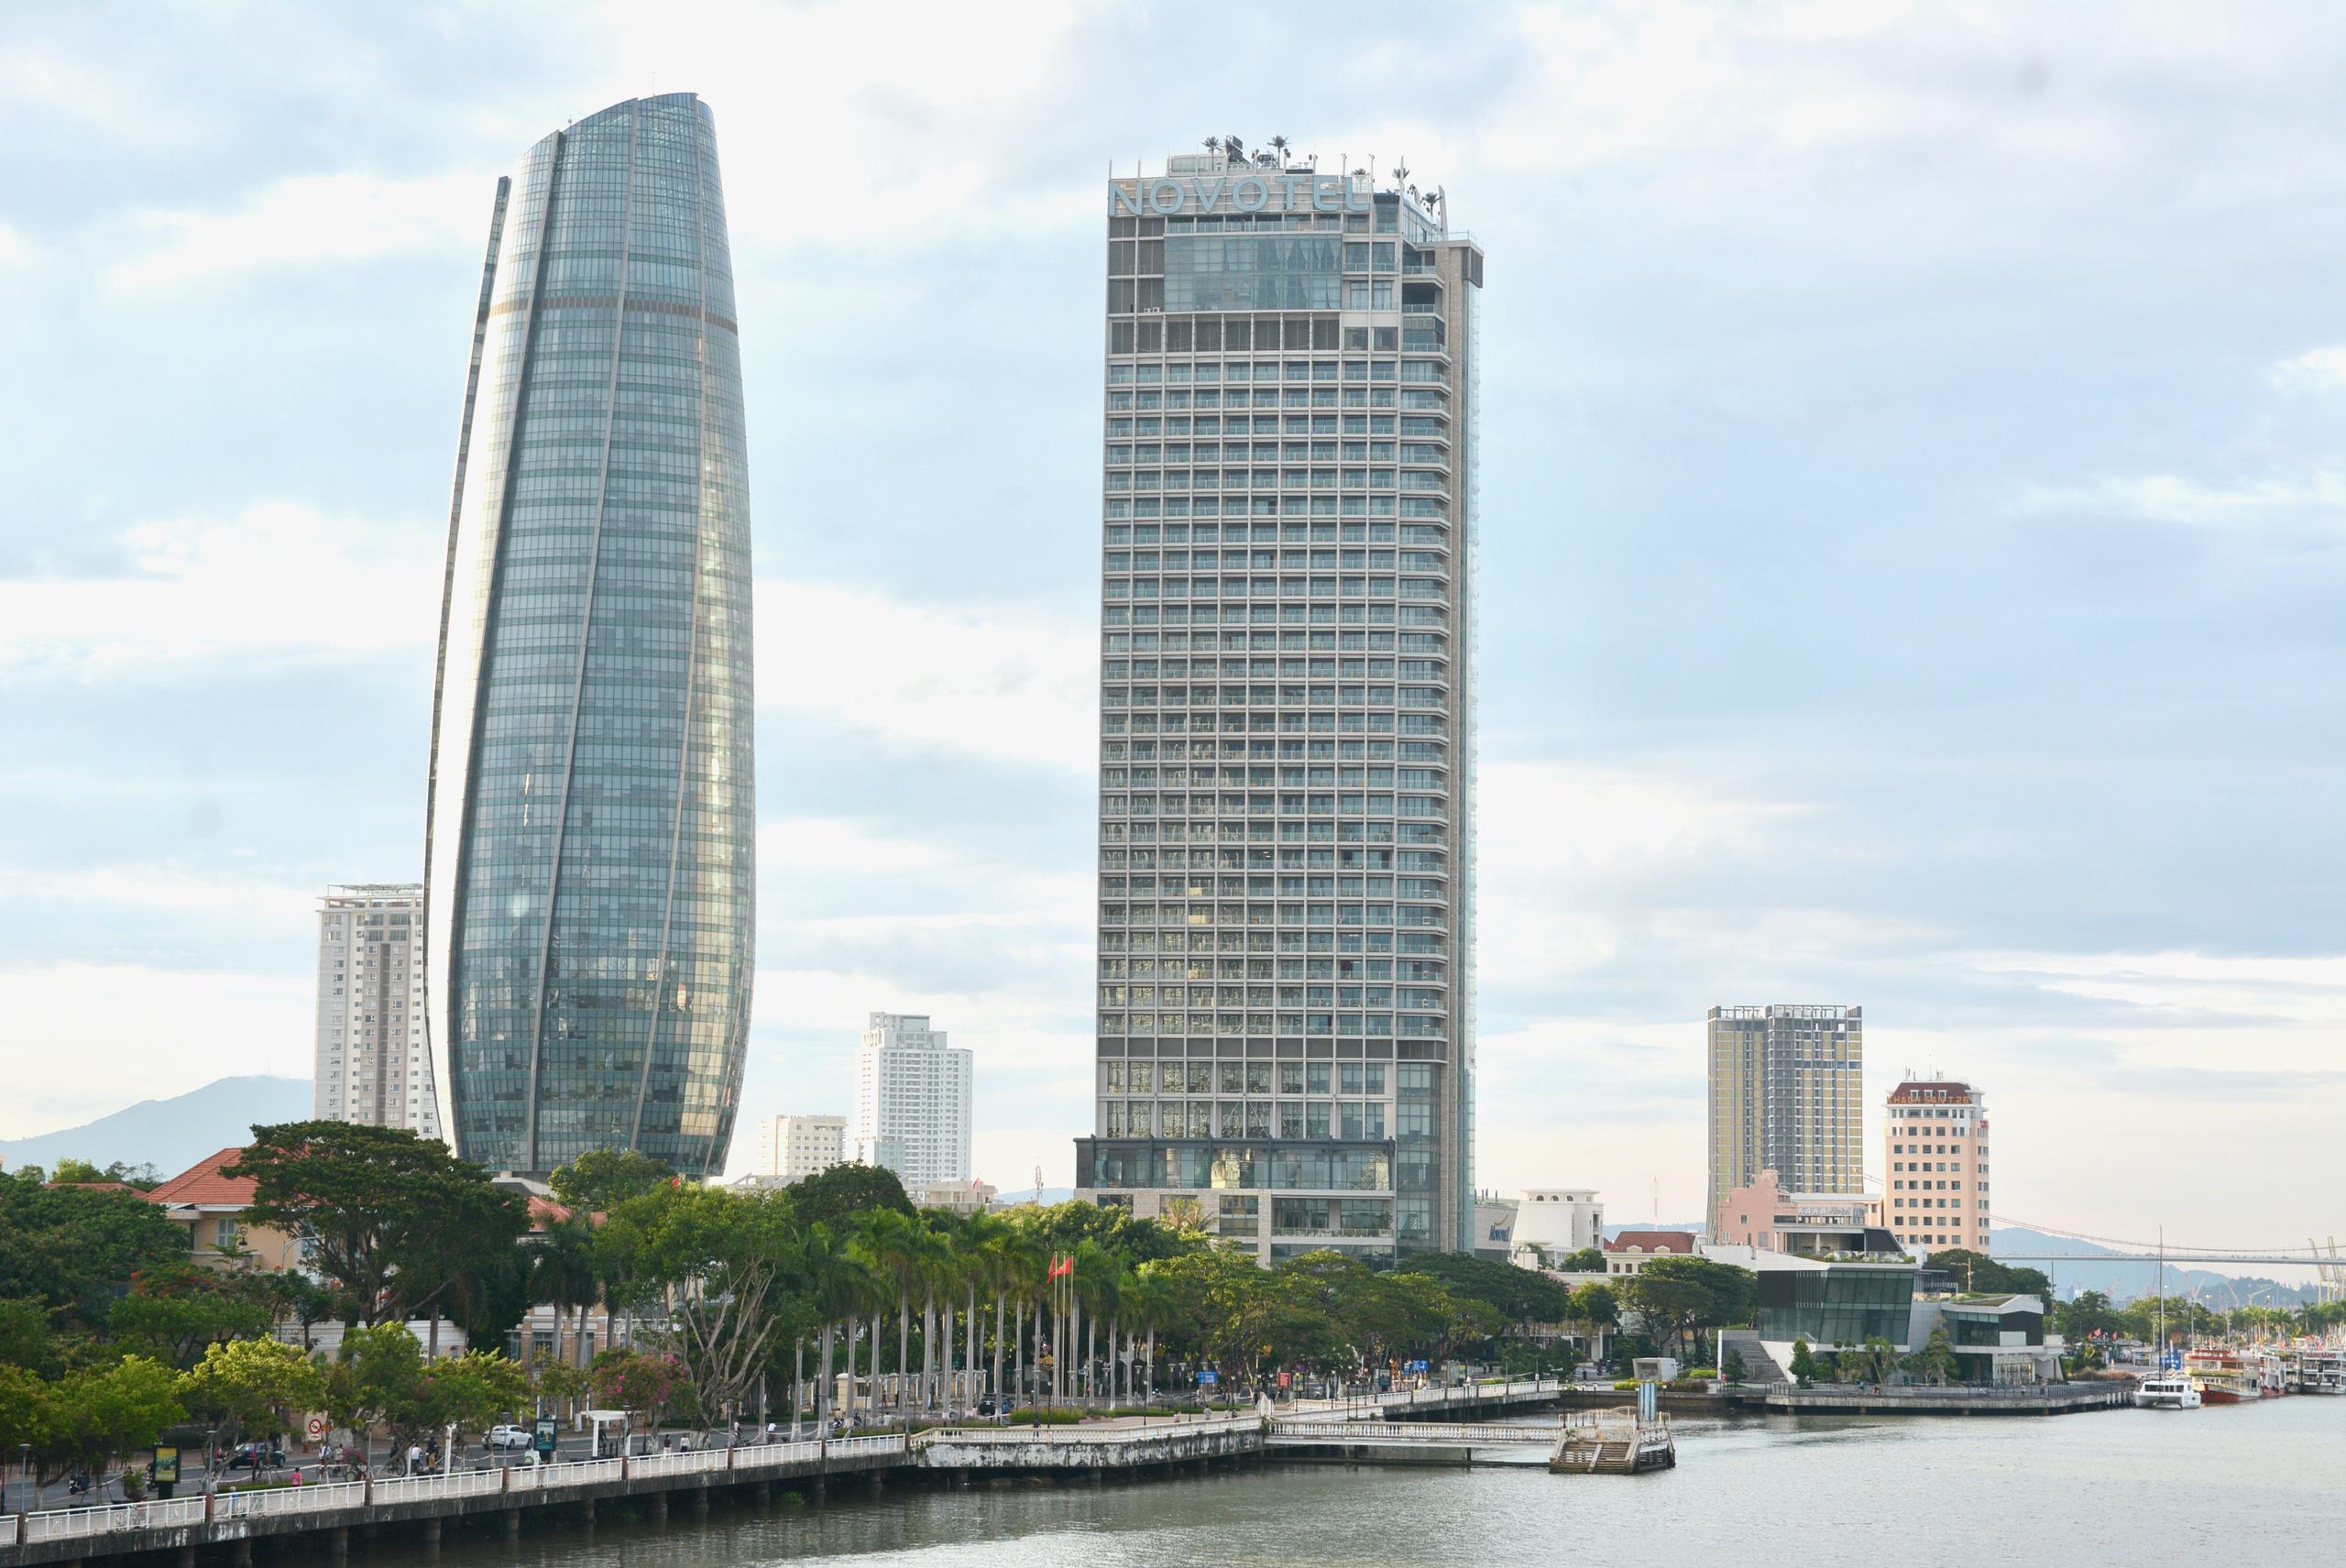 Đà Nẵng cần chi hơn 15.500 tỷ xây dựng thành phố môi trường, hướng đô thị sinh thái - Ảnh 1.